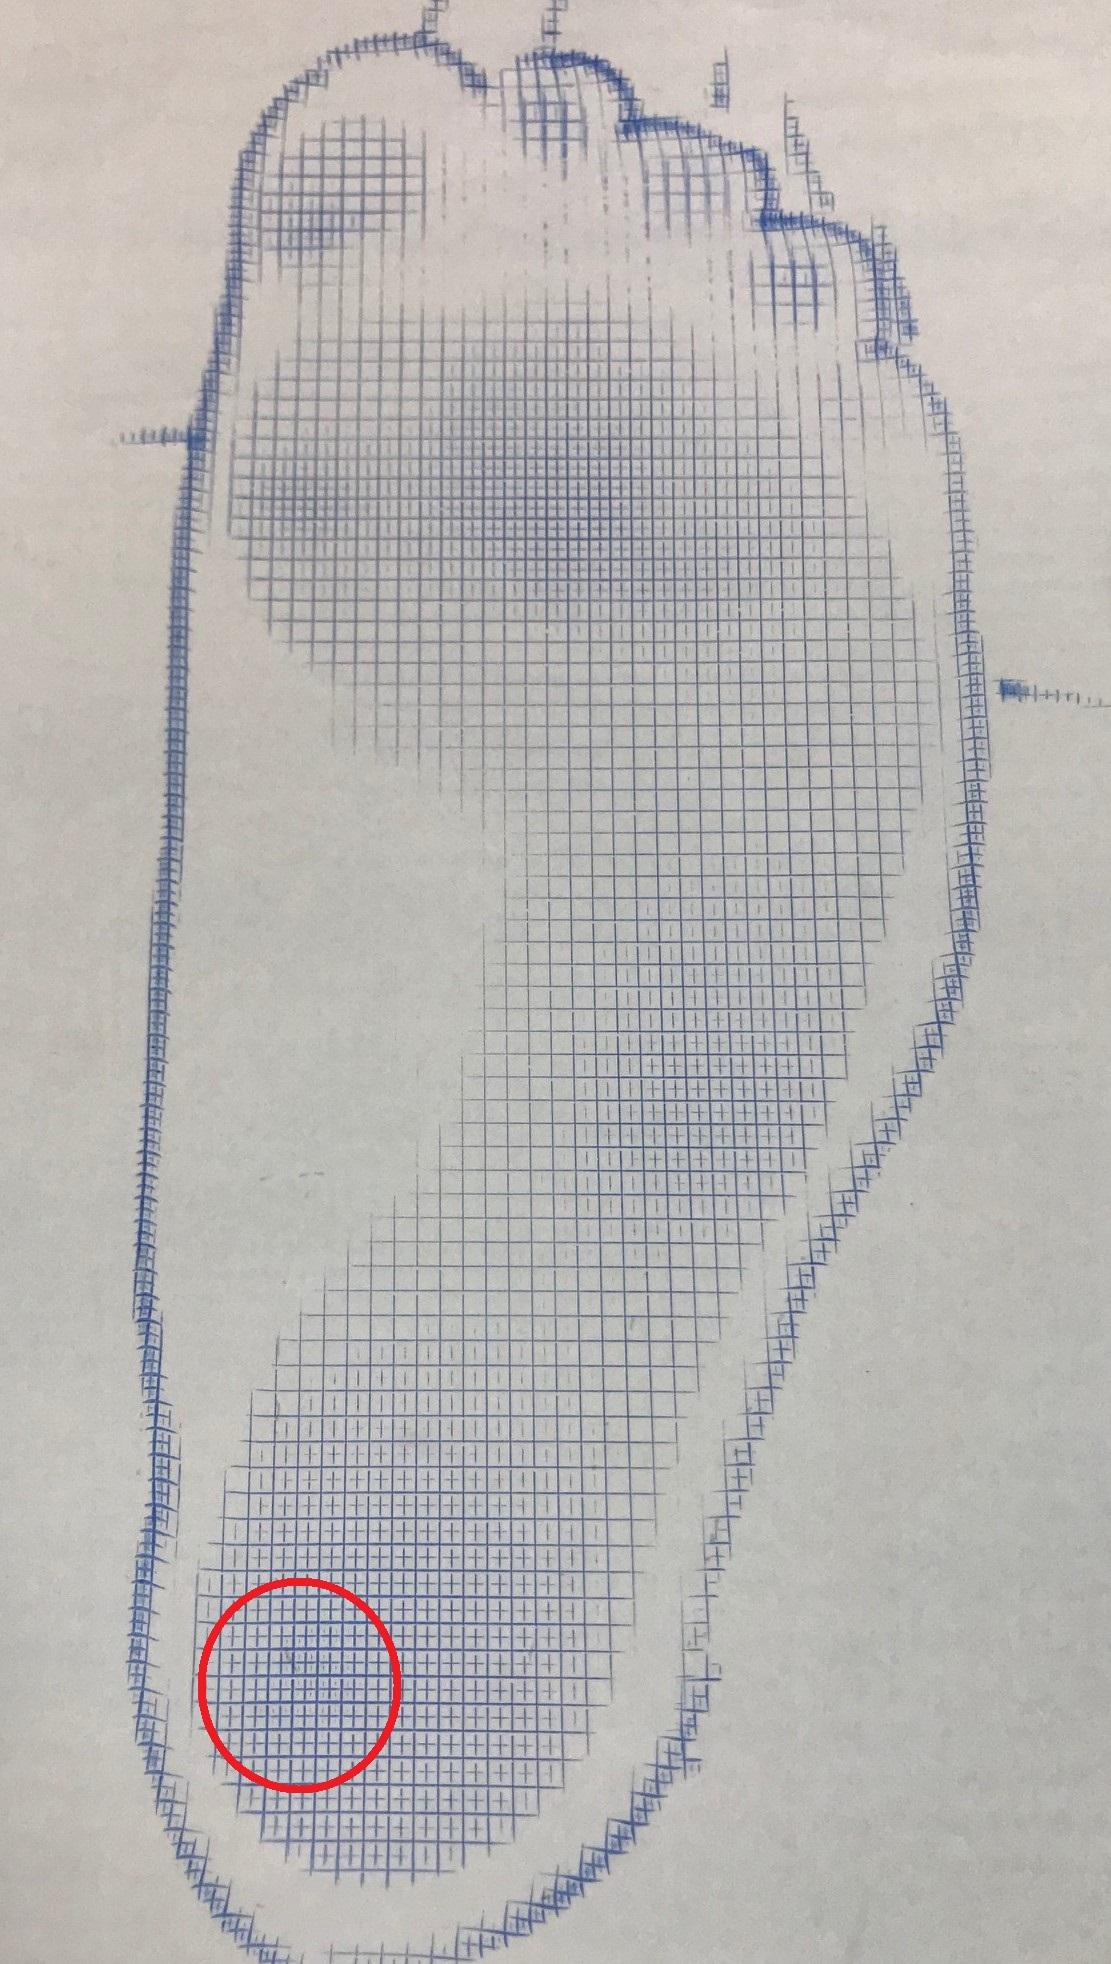 踵骨下滑液包炎を起こした剣道選手に対するヒールパッド作製